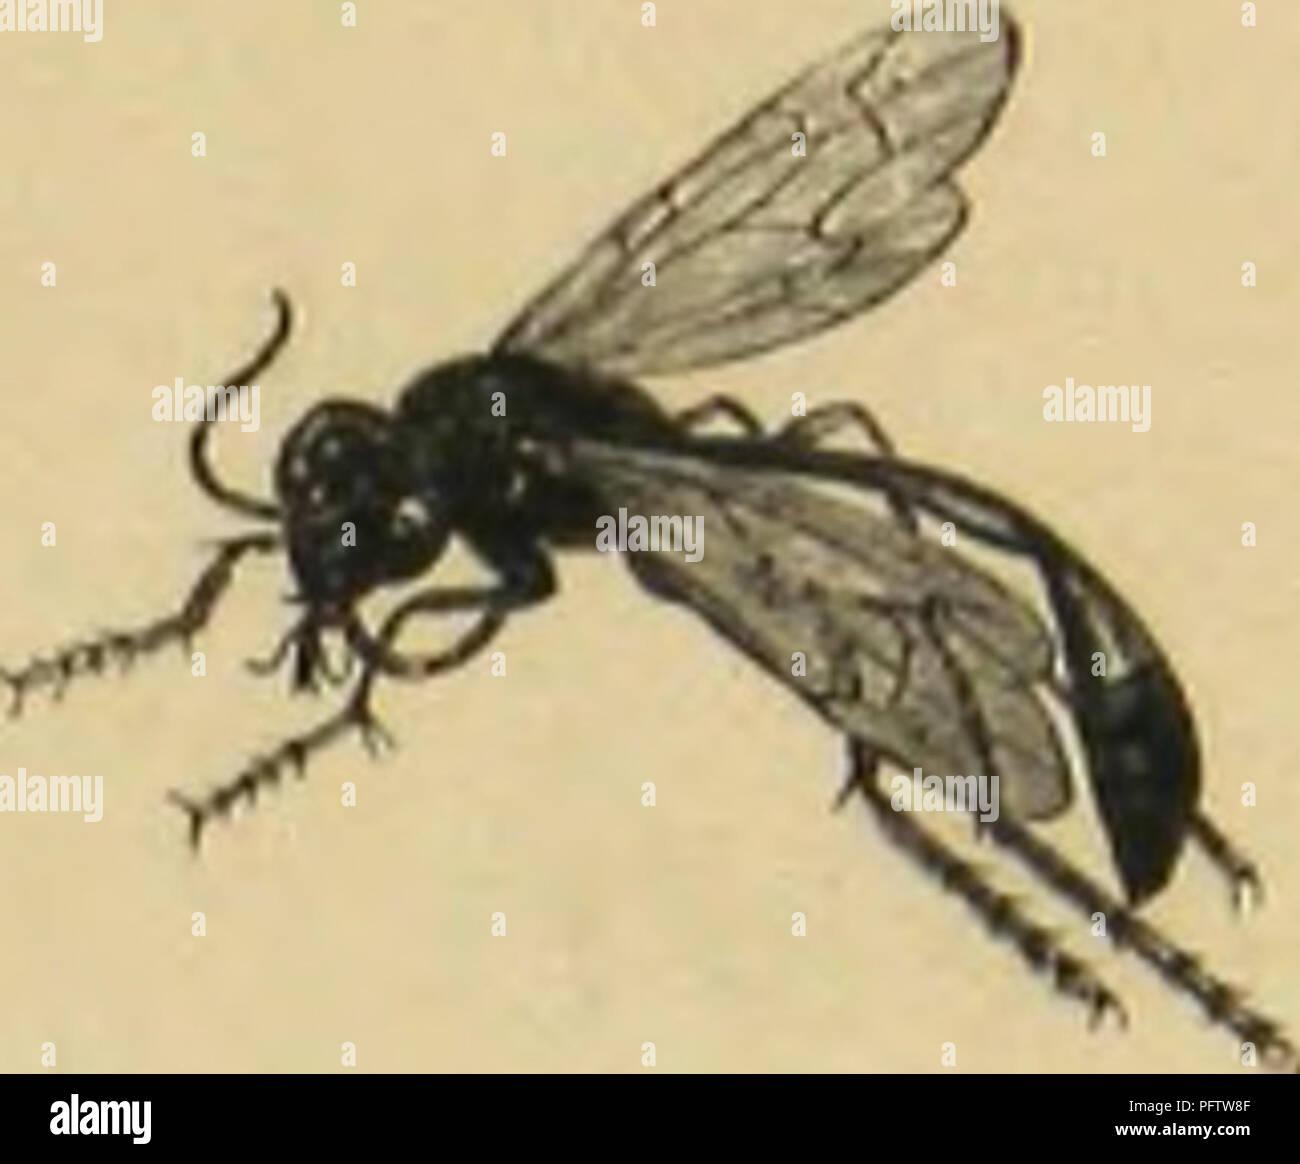 . Instintos MeÌtamorphoses mÅurs et des Insectes (insectes, arachnides crustaceÌs myriapodes,,). Los insectos; Insectos; Myriapoda; Arachnida; Crustacea. AMMOI'UII.K DES SAULES (Ammophita sabulosa]. porte une grosse chenilla, la place dans la petite loge, Díaz©plantean Åuf onu, puis avec un petit caillou et des granos de sable, il mure exactement l'orificio trou de hijo, faisant disparaître avec un soin infini toute trace de hijo travail. Toutes les espèCôtes d'Ammophiles observées dans leurs costumbres des chenilles prennent pour nourrir leurs larves. Dans les régiones chaudes du monde se rencontrent des Sph Foto de stock